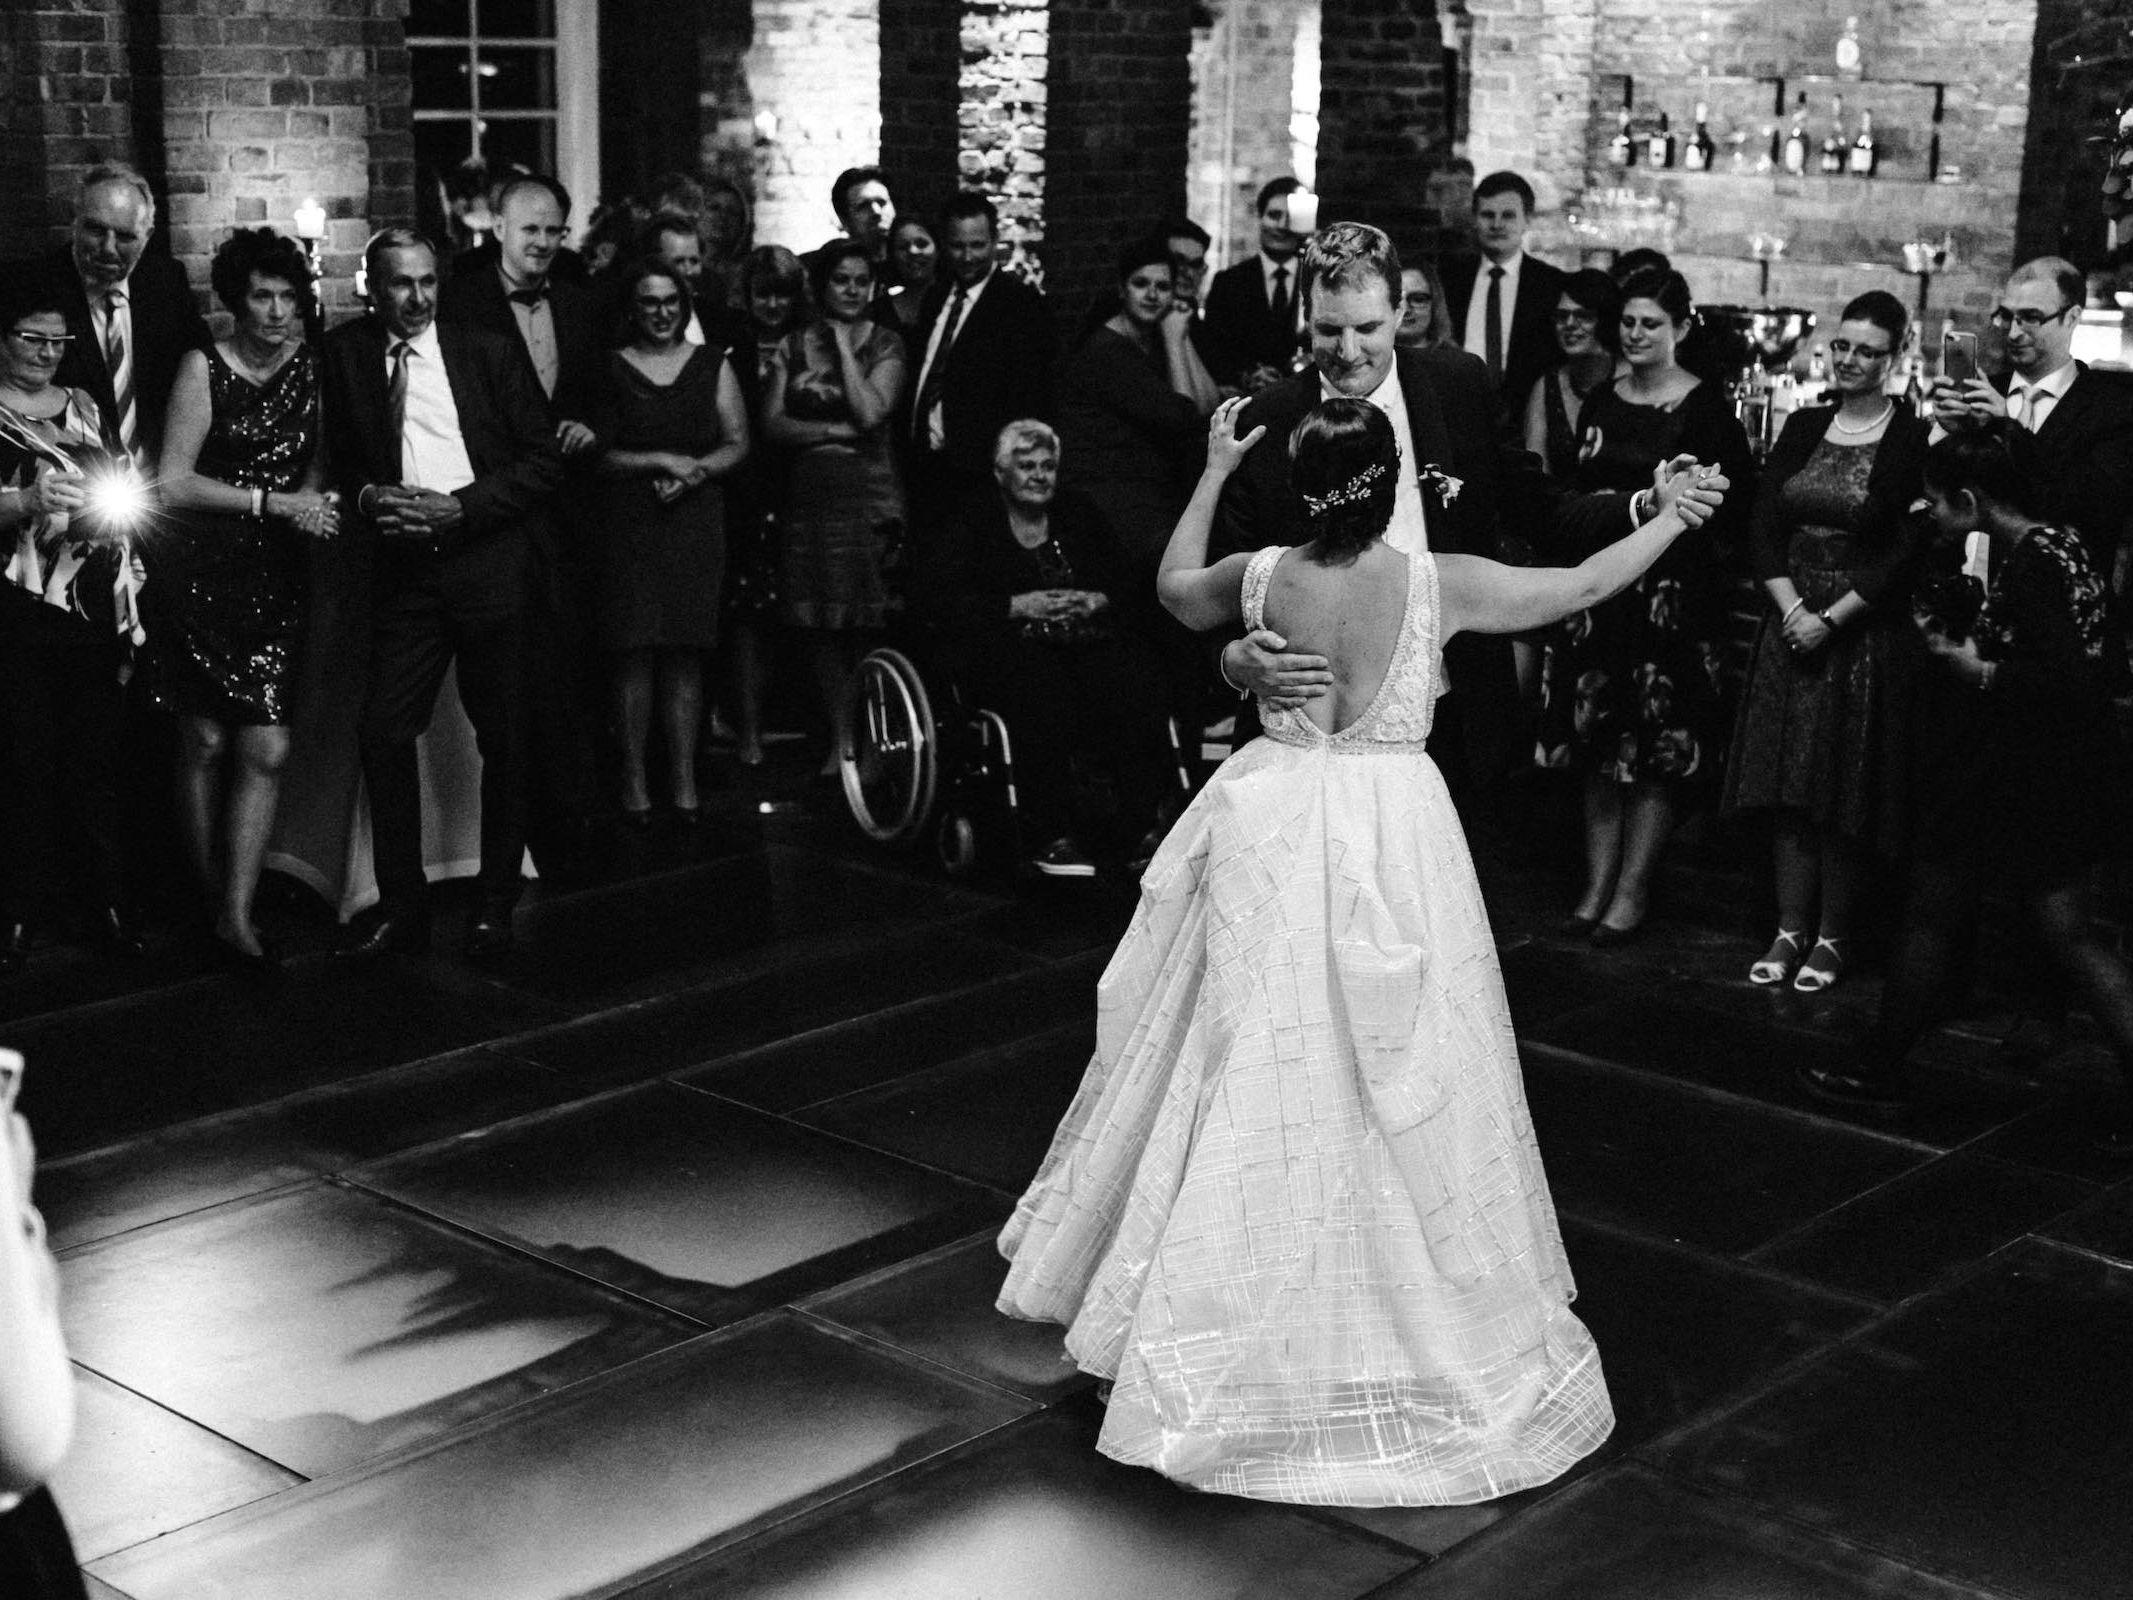 Burg   Königsworth   Roneburg   Hannover   Hochzeit   Geburtstag   Firmenfeier   Feiern   Locations   DJ   Hochzeit   DJ   Eröffnungstanz   Hochzeitsplanung   Hochzeitsplaner   Referenz   Lehmann   Eventservice